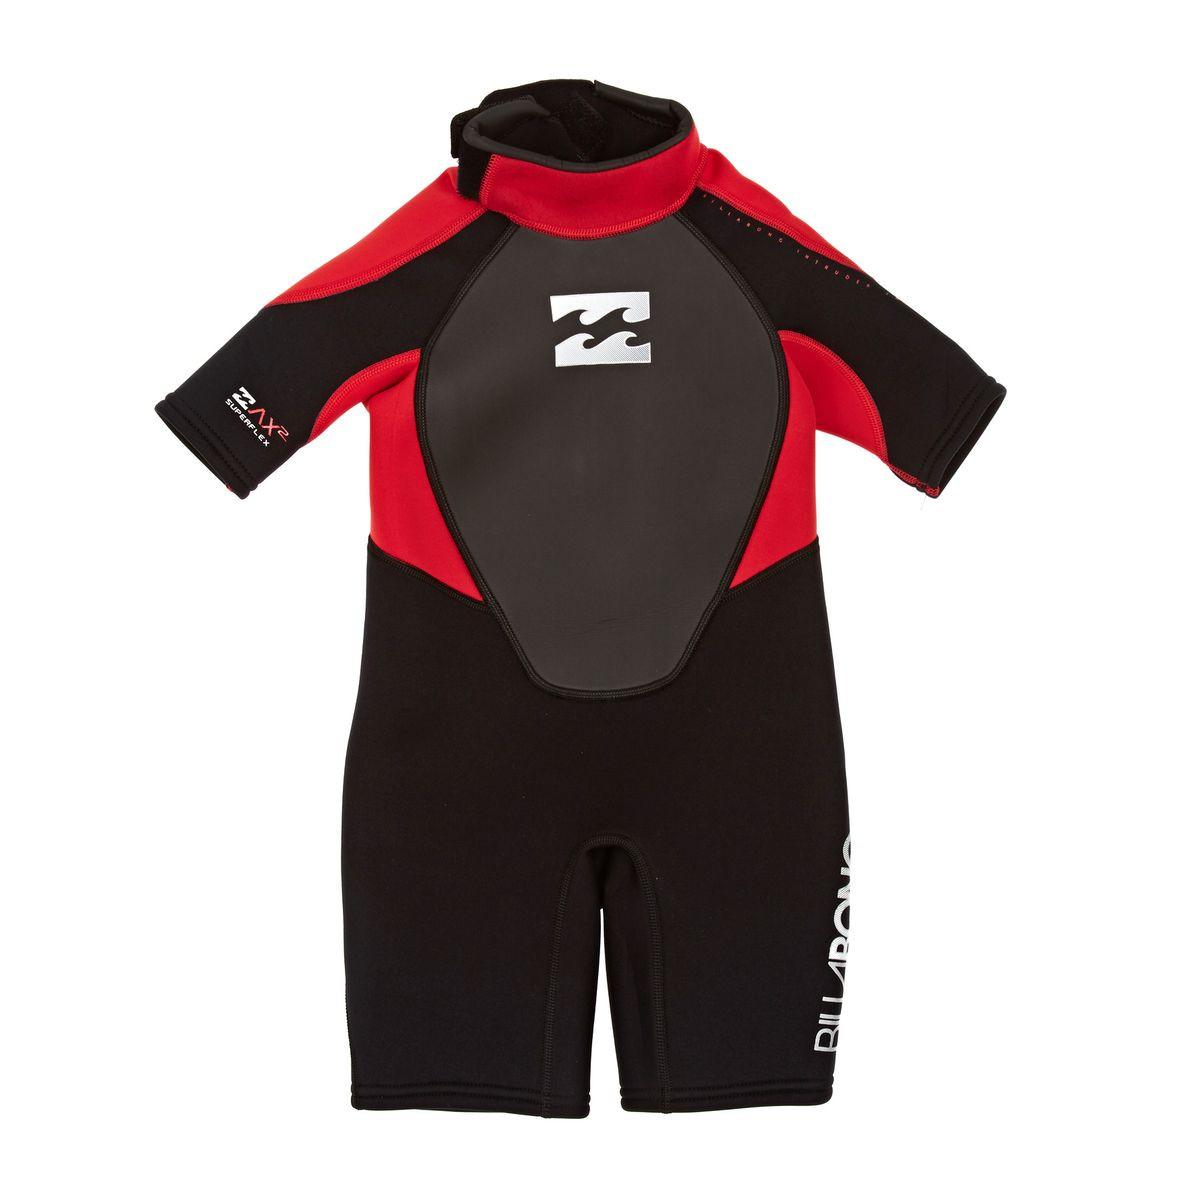 Billabong Toddler Intruder 2mm Shorty Wetsuit - Red